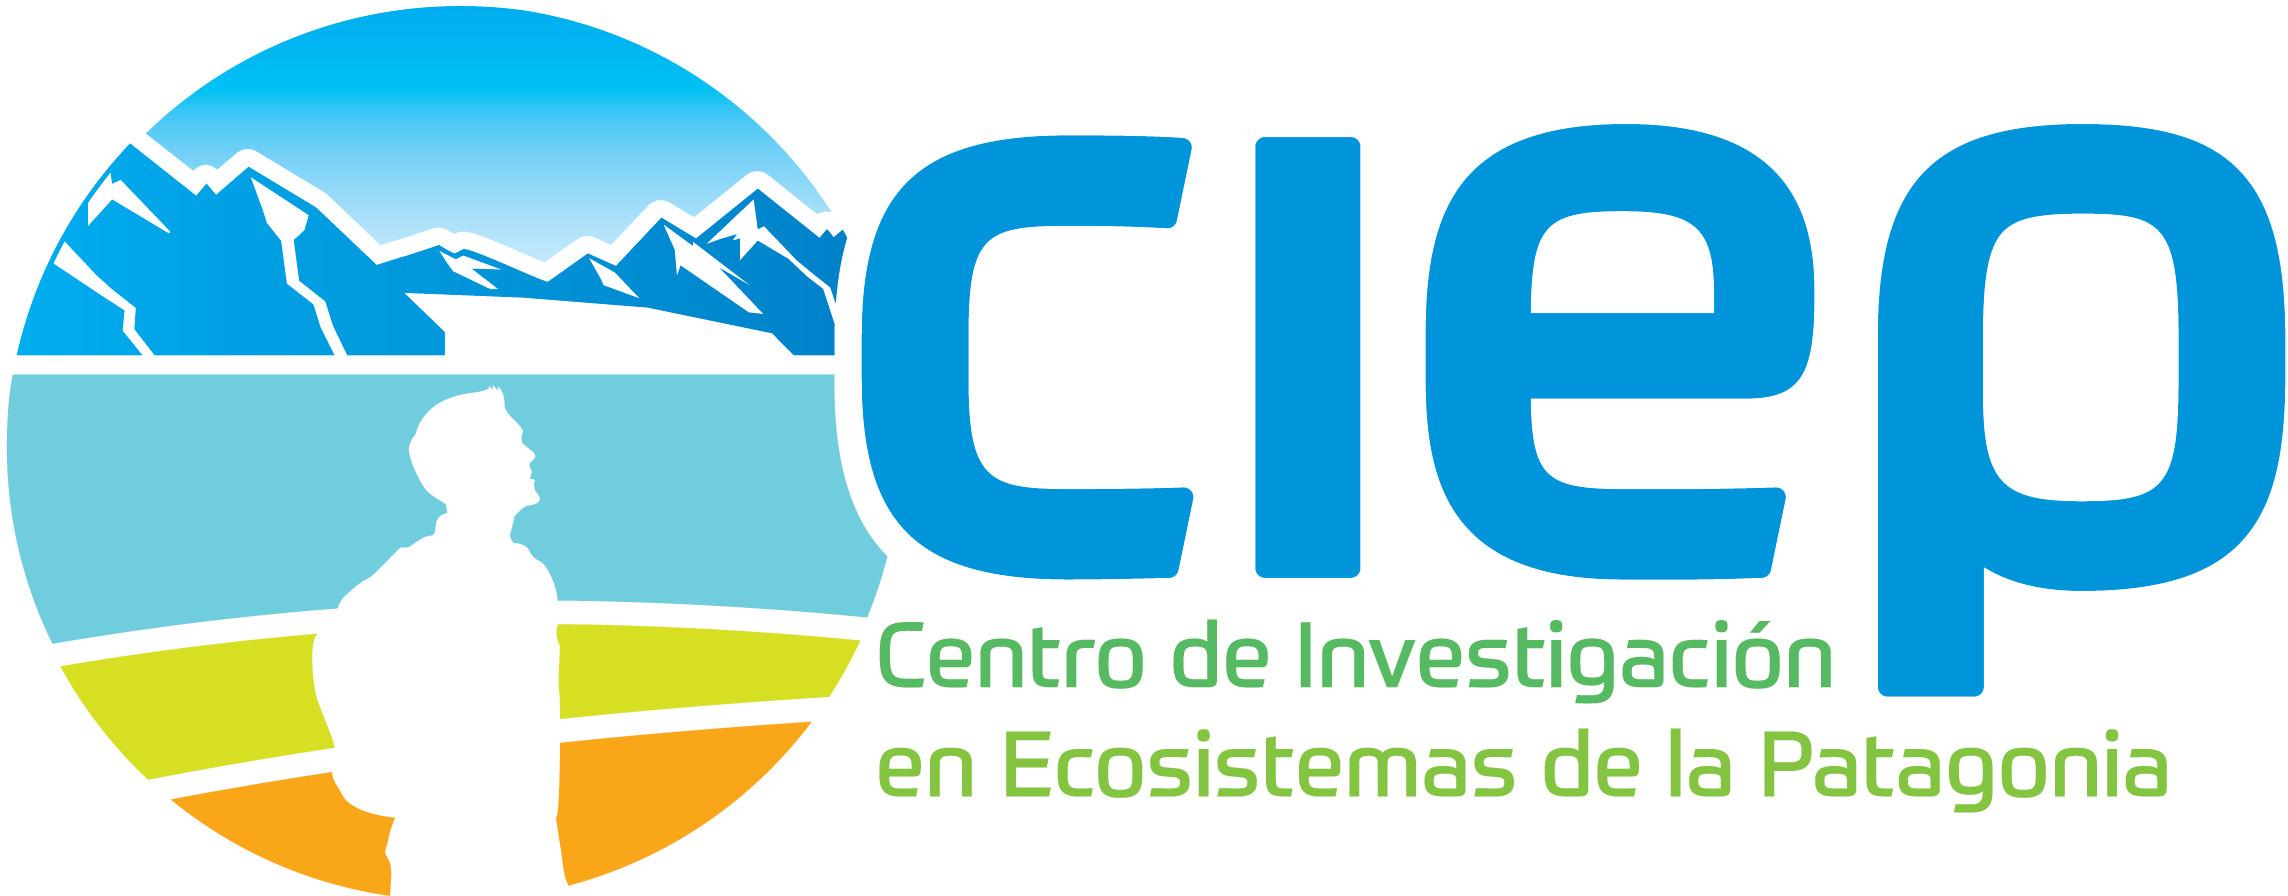 Centro de Investigación en Ecosistemas de la Patagonia